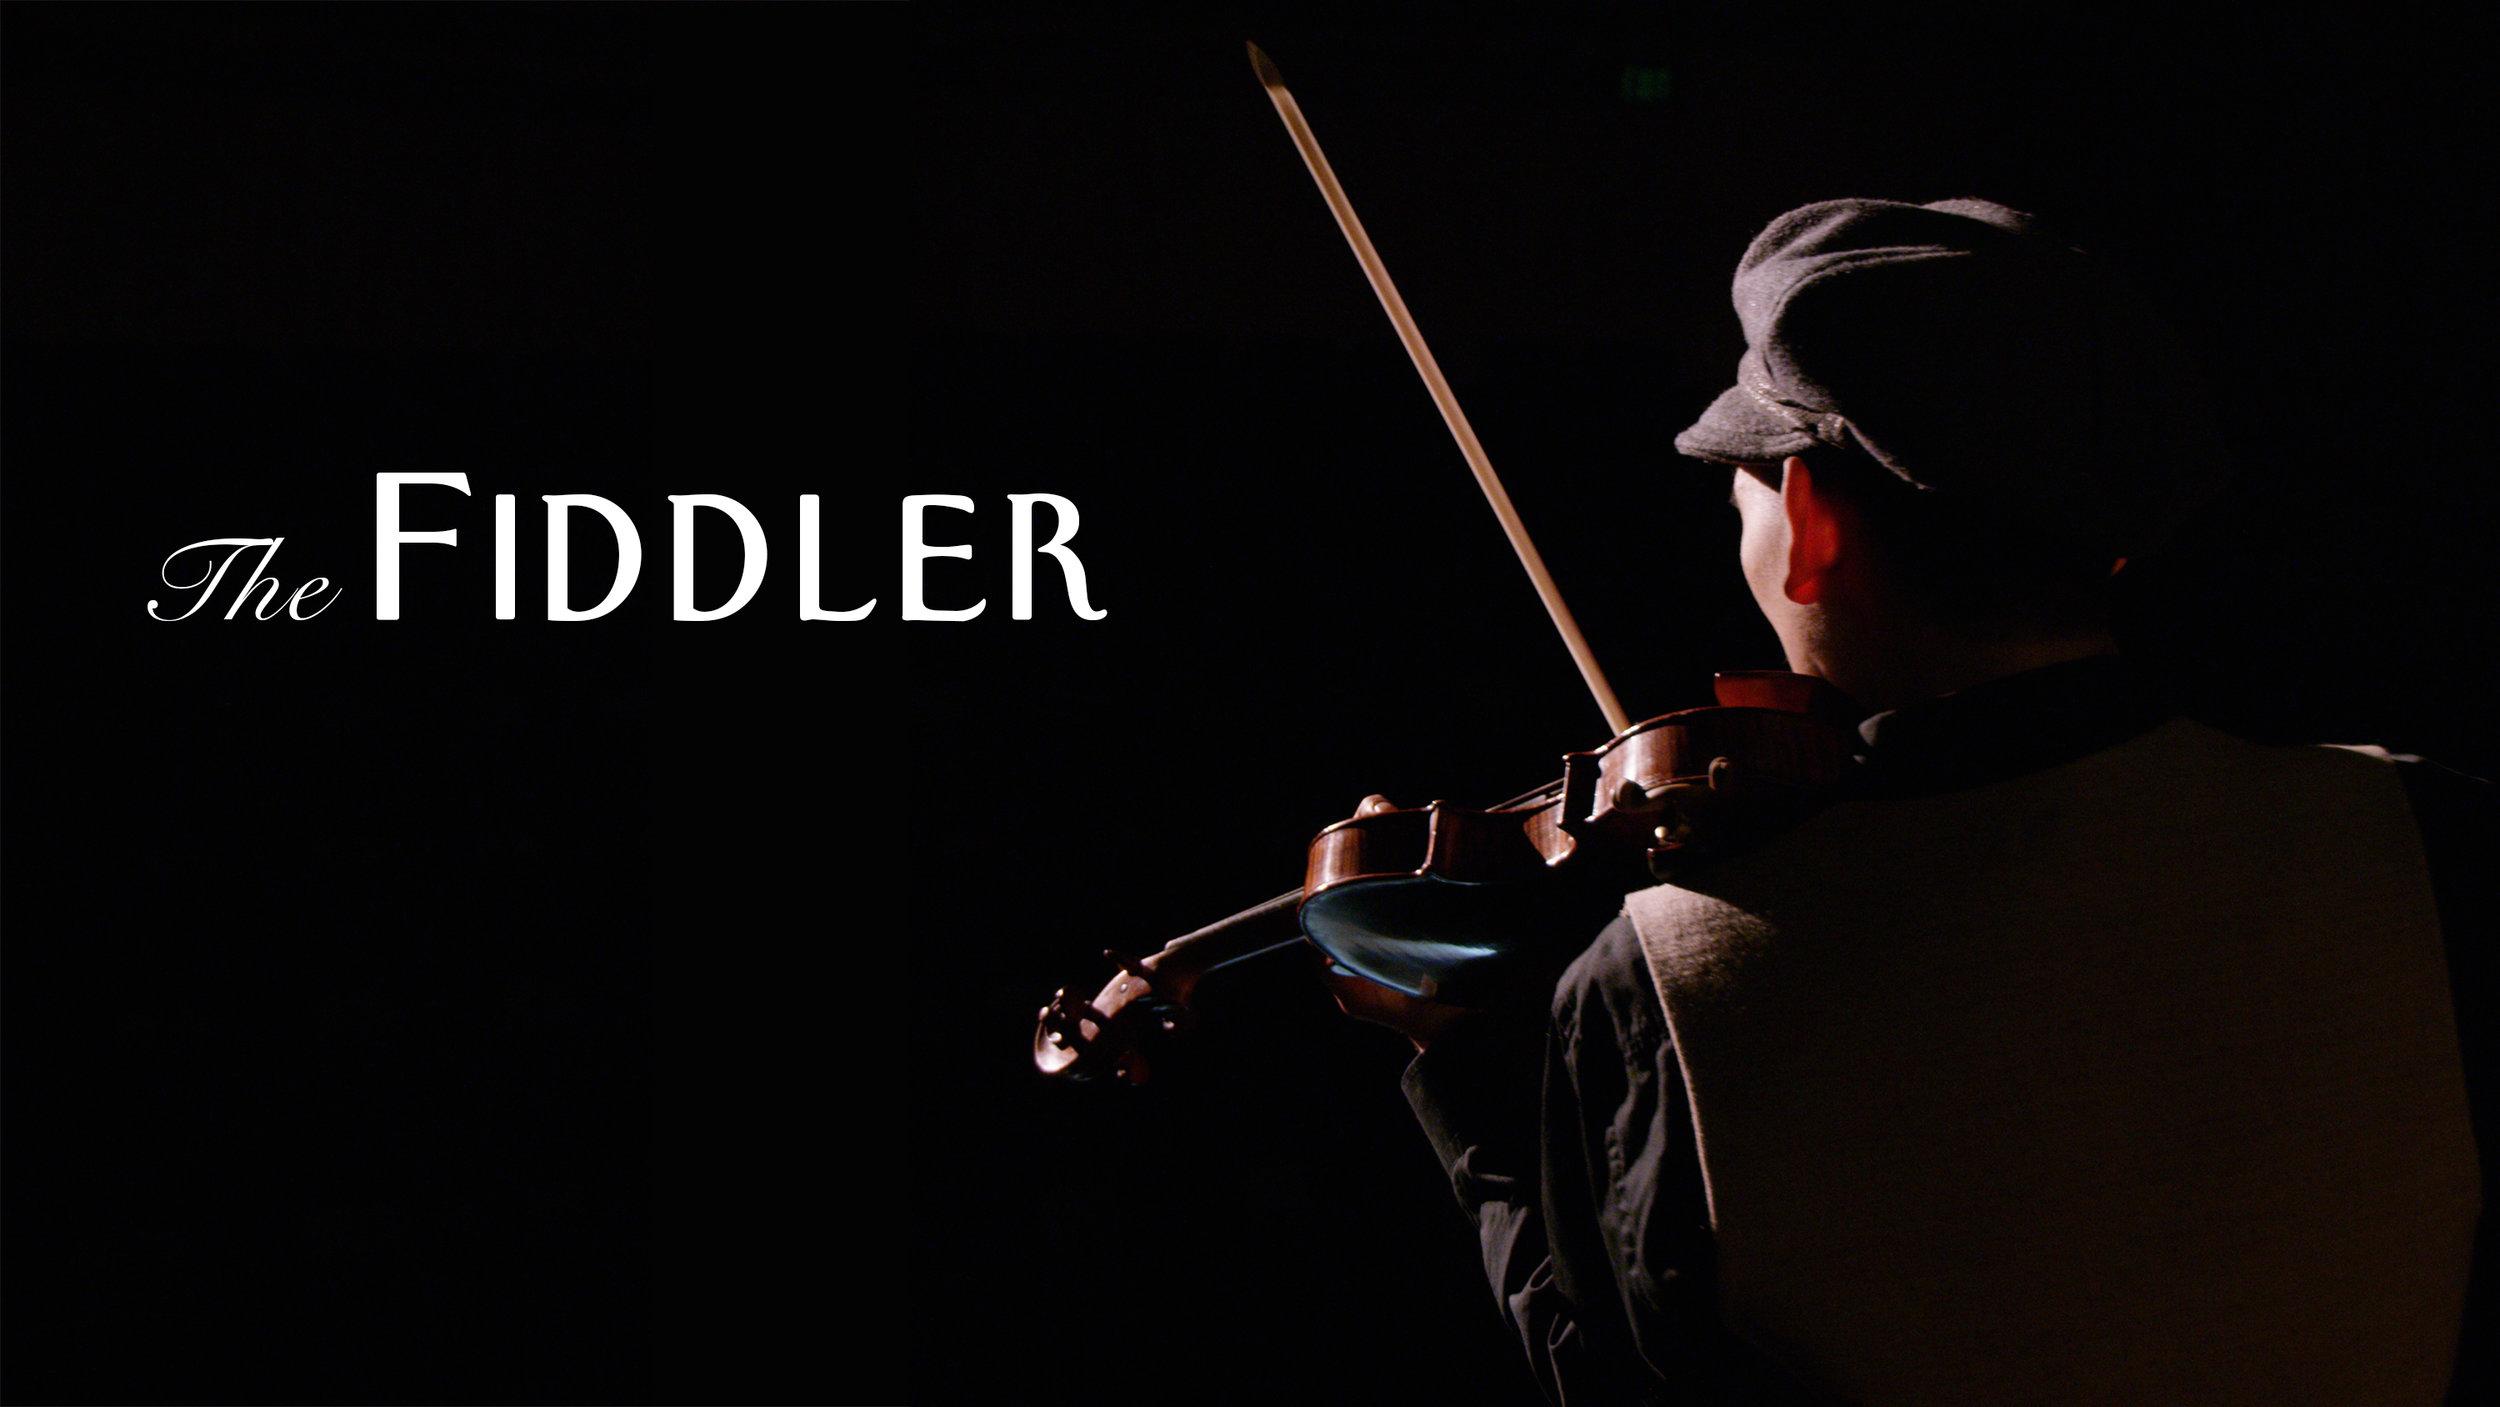 Fiddler - Title card.jpg